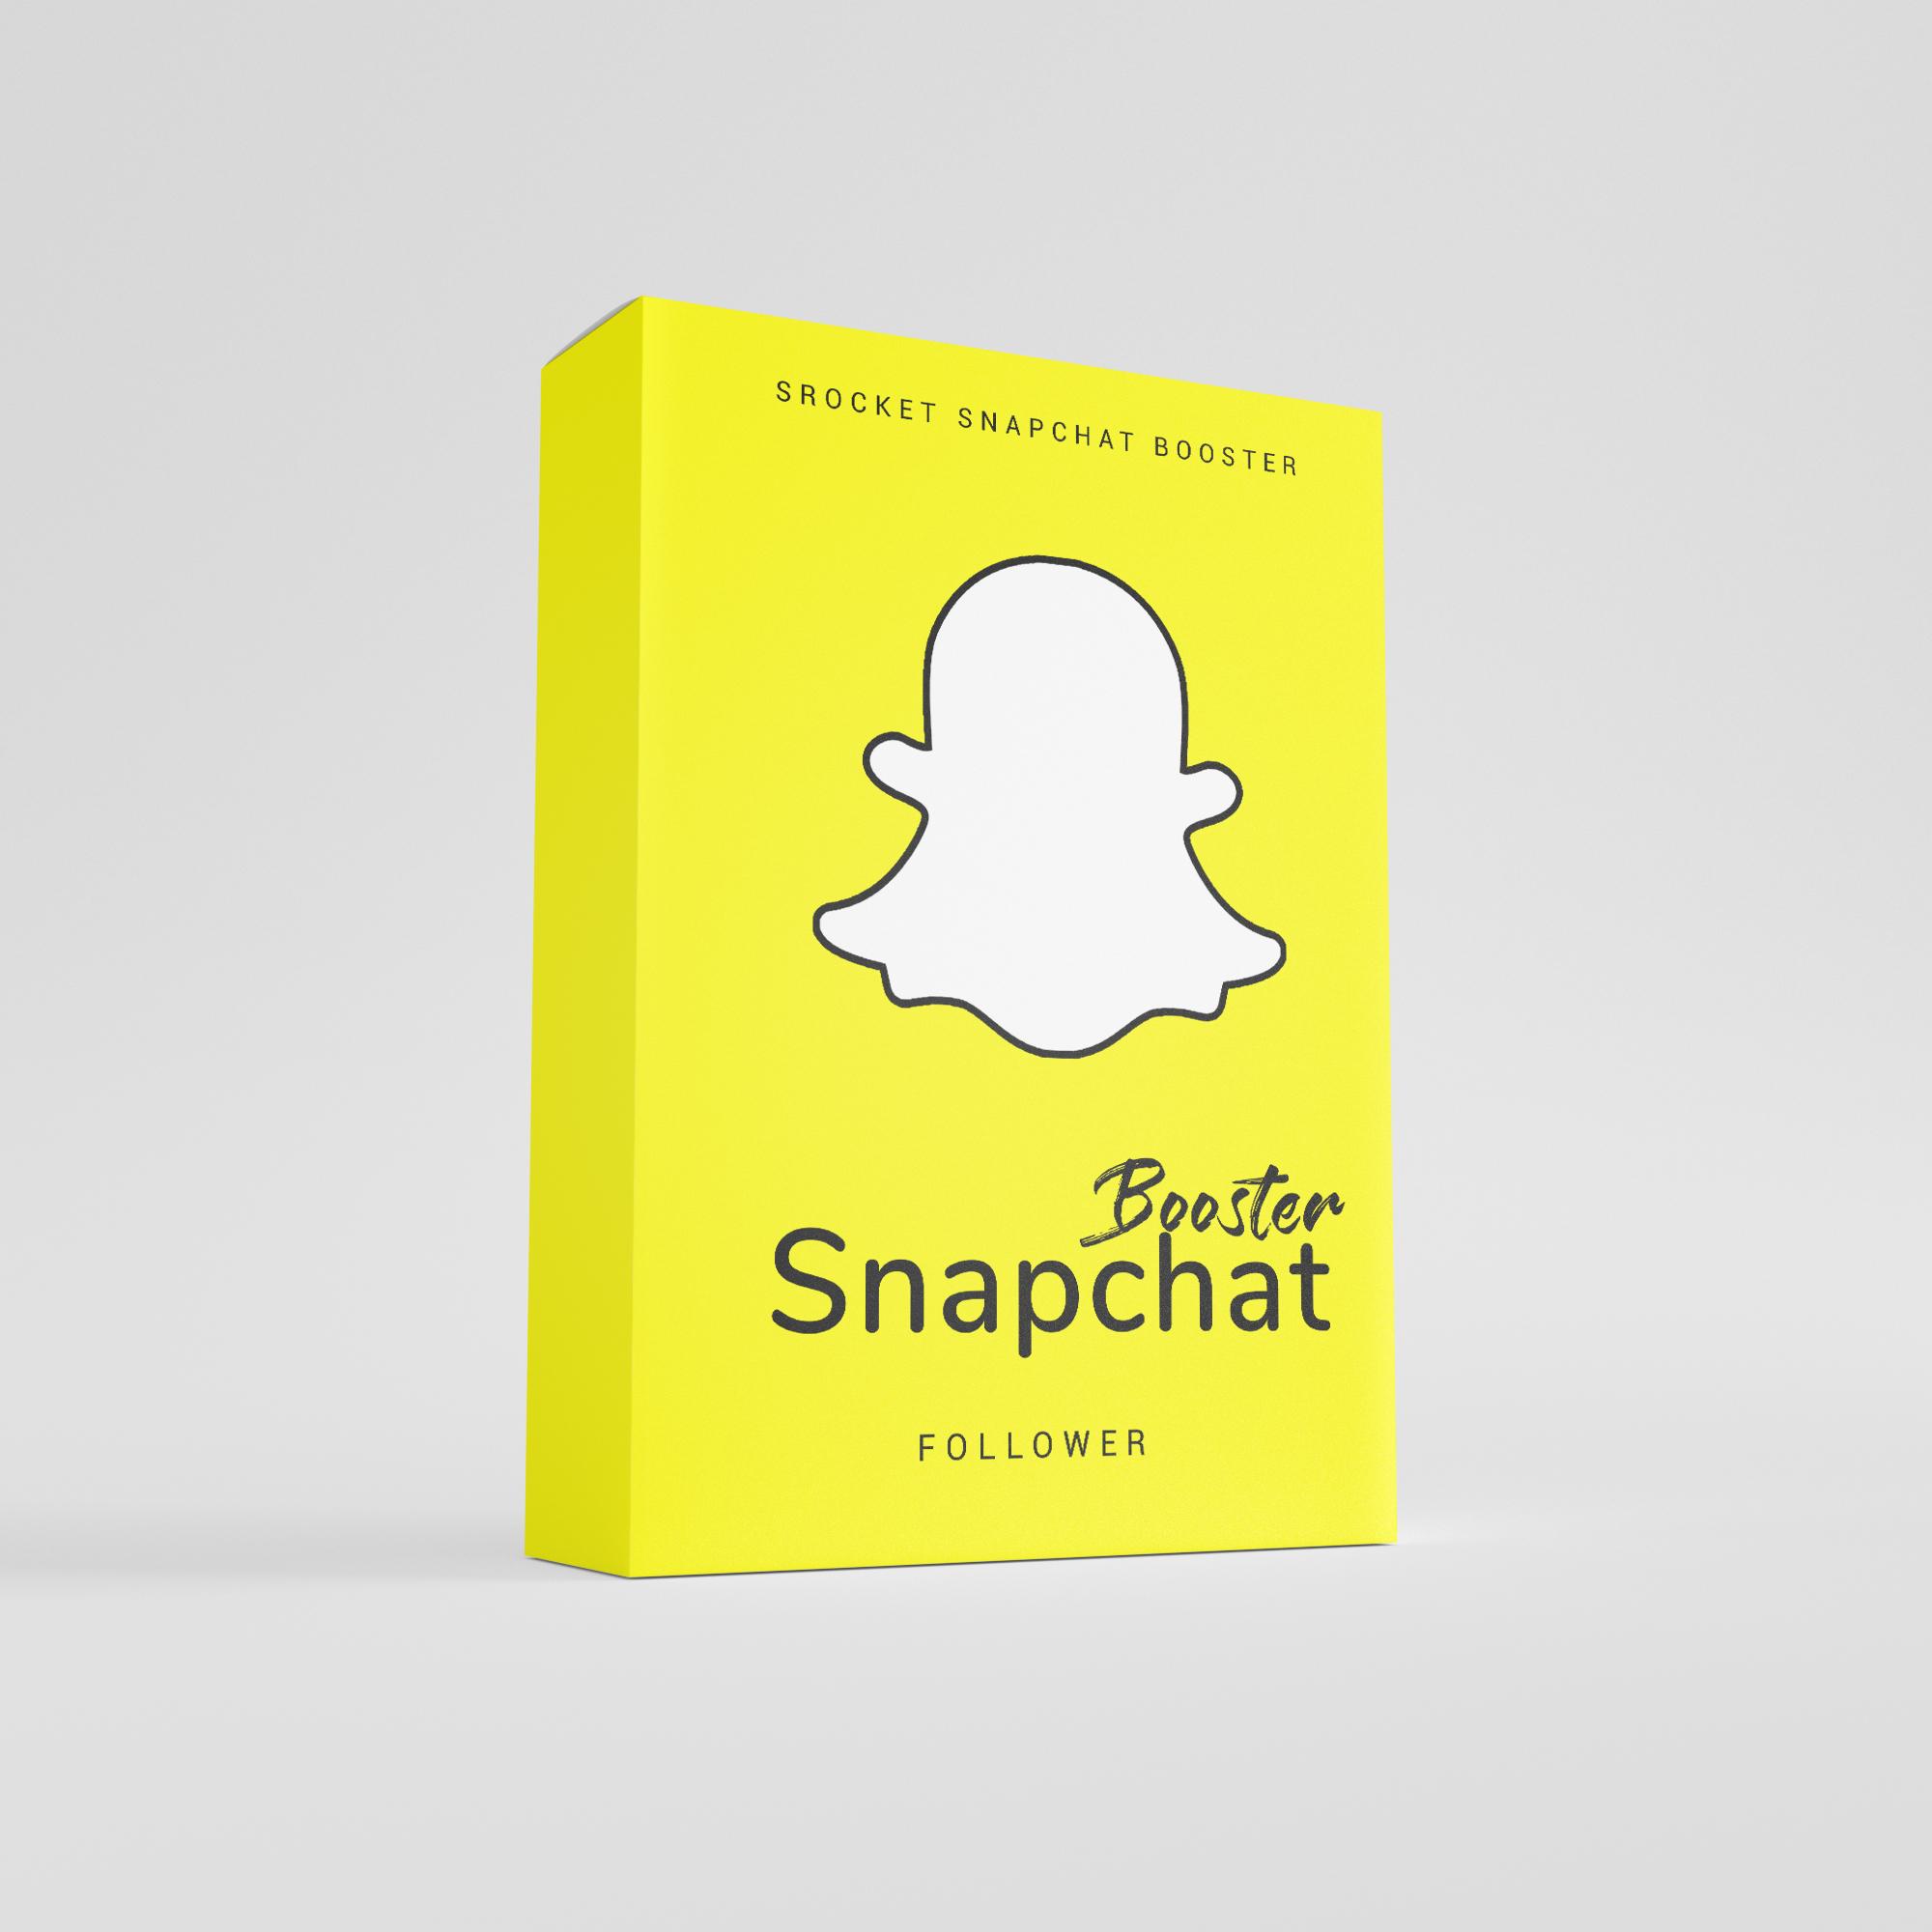 Jetzt dein Snapchat Profil mit Follower Booster von Social Rocket boosten.